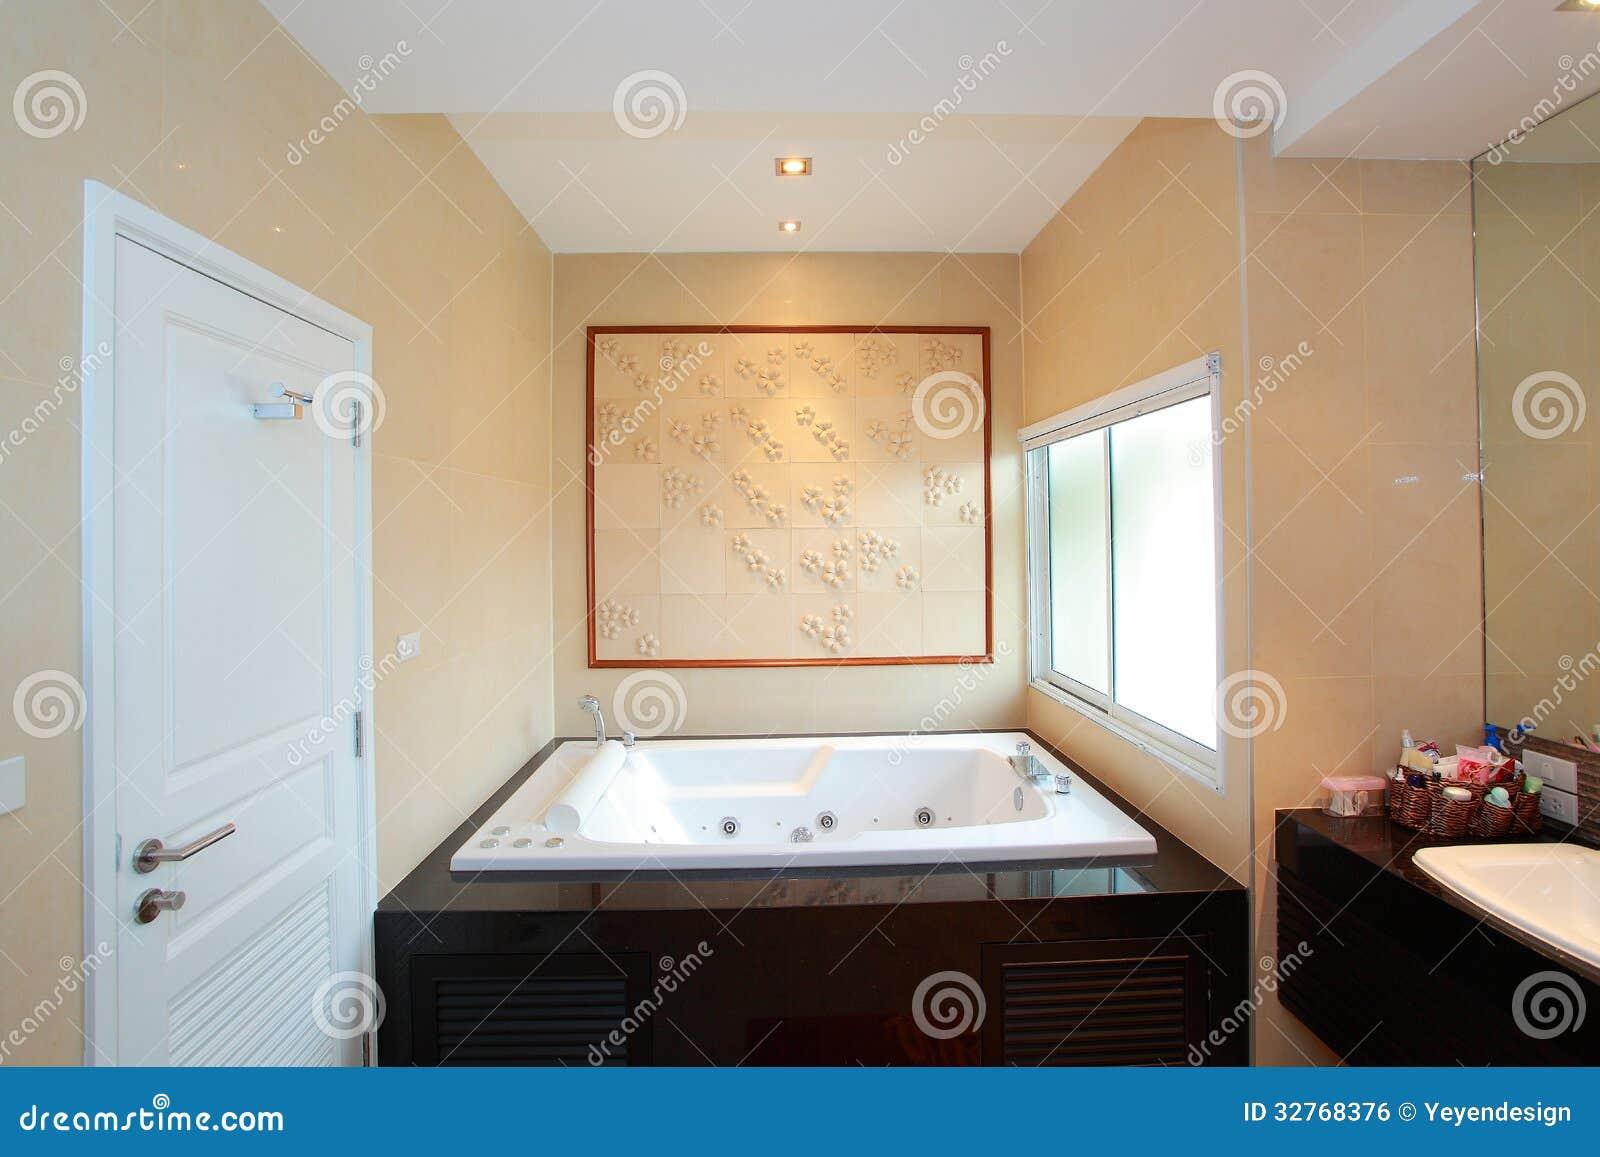 Bagno Lusso : Serie moderna di lusso del bagno con il bagno ed il wc.